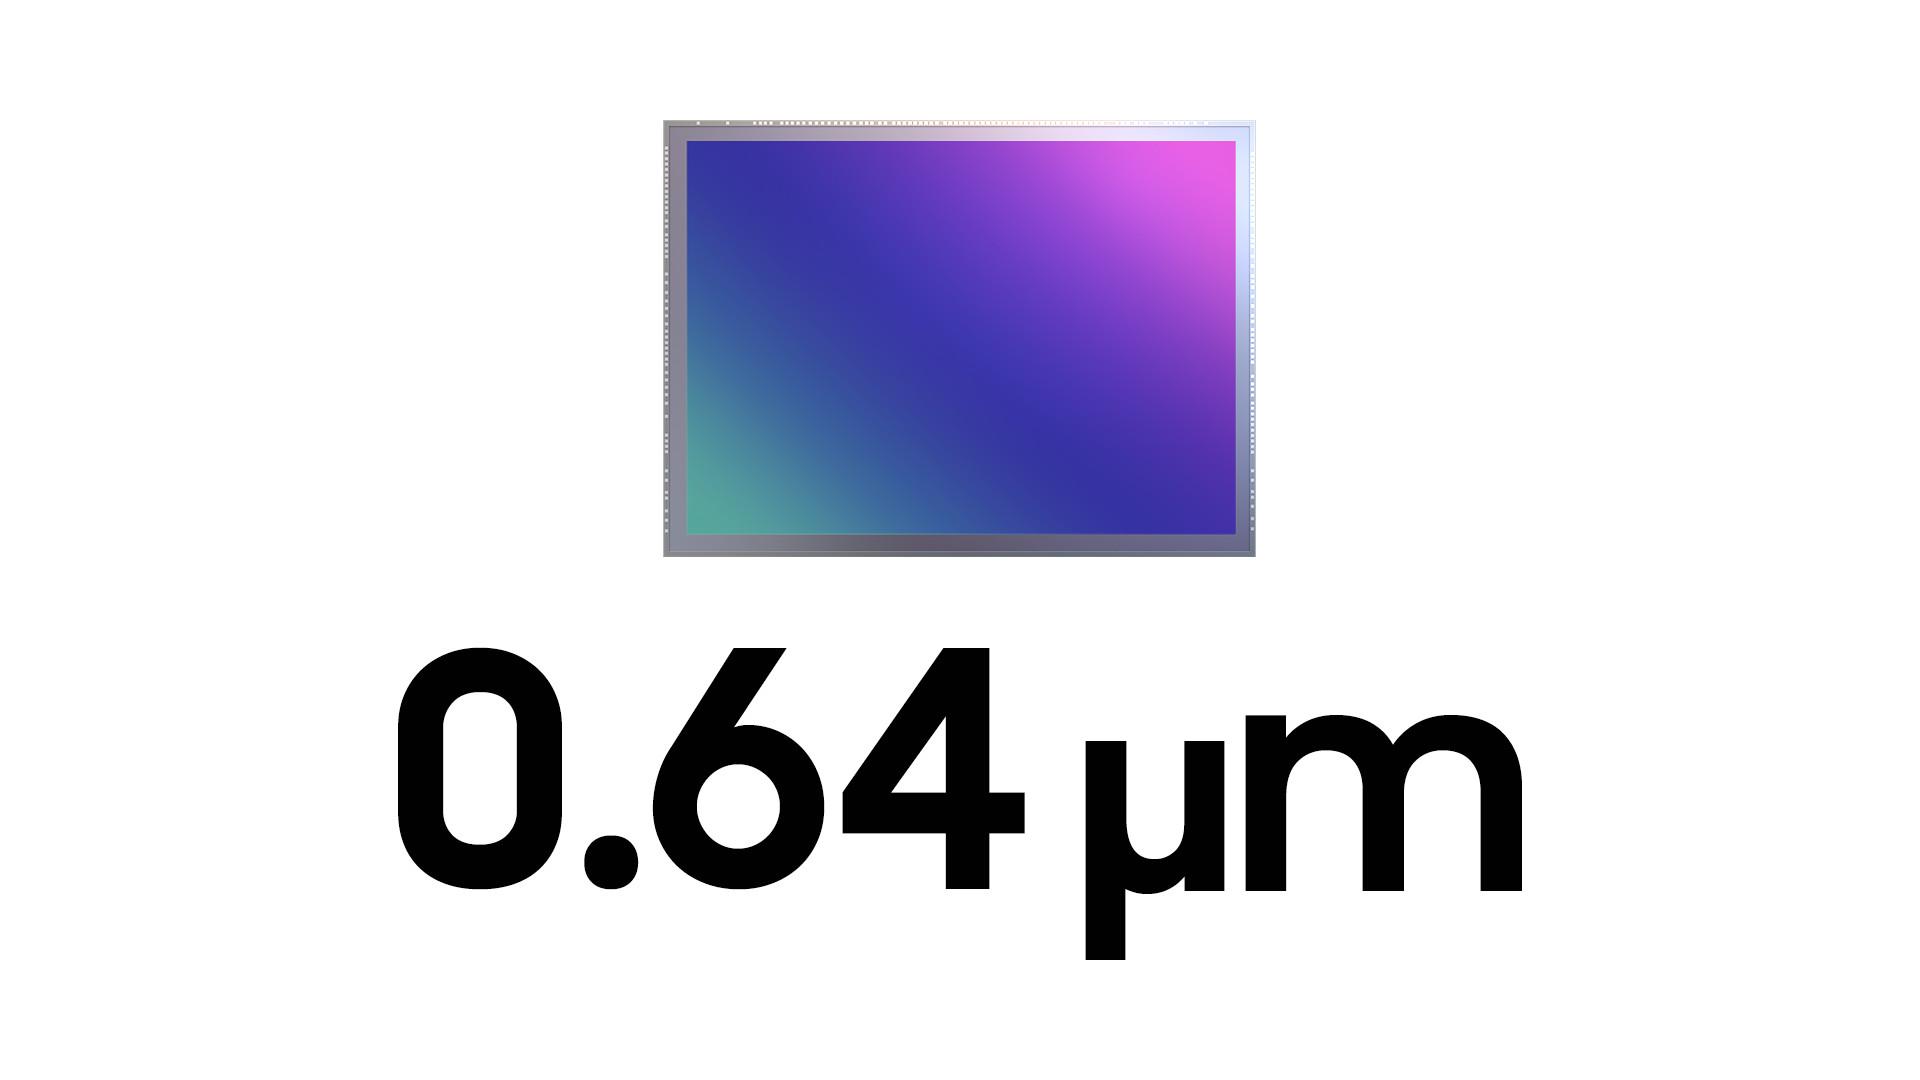 Samsung ISOCELL JN1 3